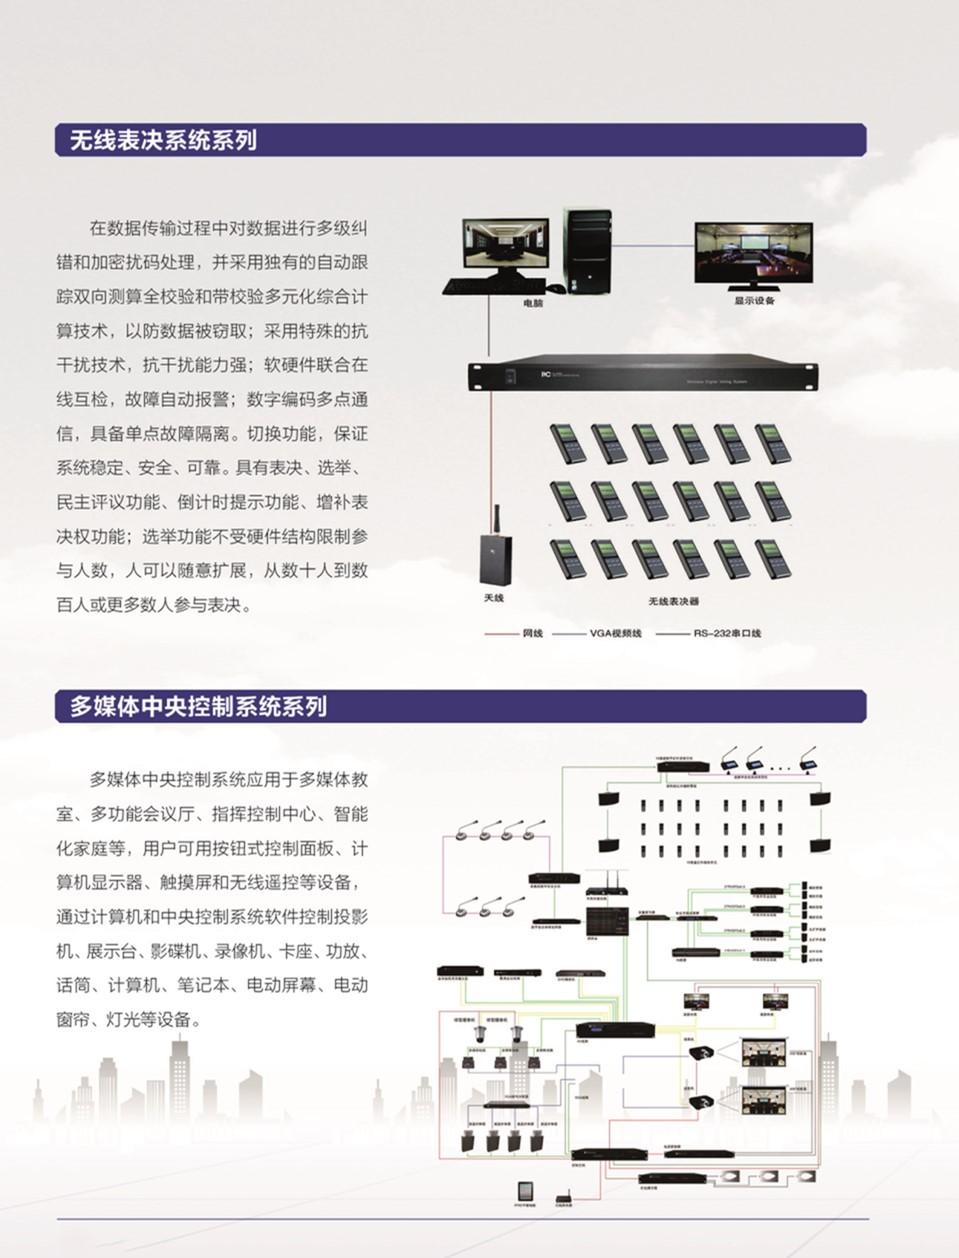 大屏显示系统1.jpg